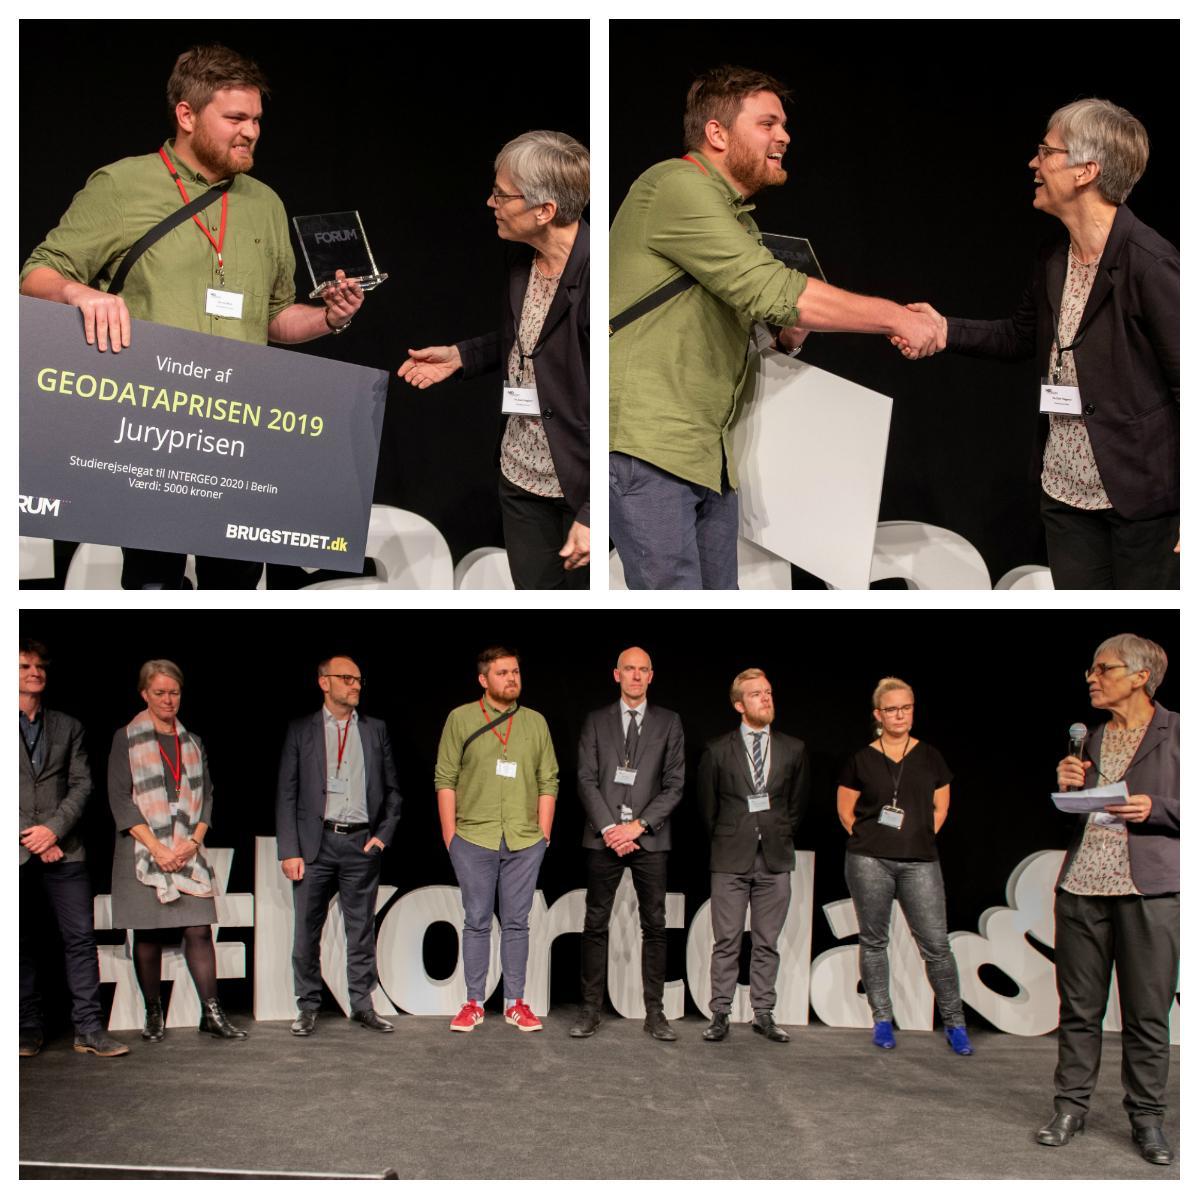 Rasmus Ekman tager imod geodataprisen 2019. Billedet er fra Geodatastyrelselsen på LinkedIn.